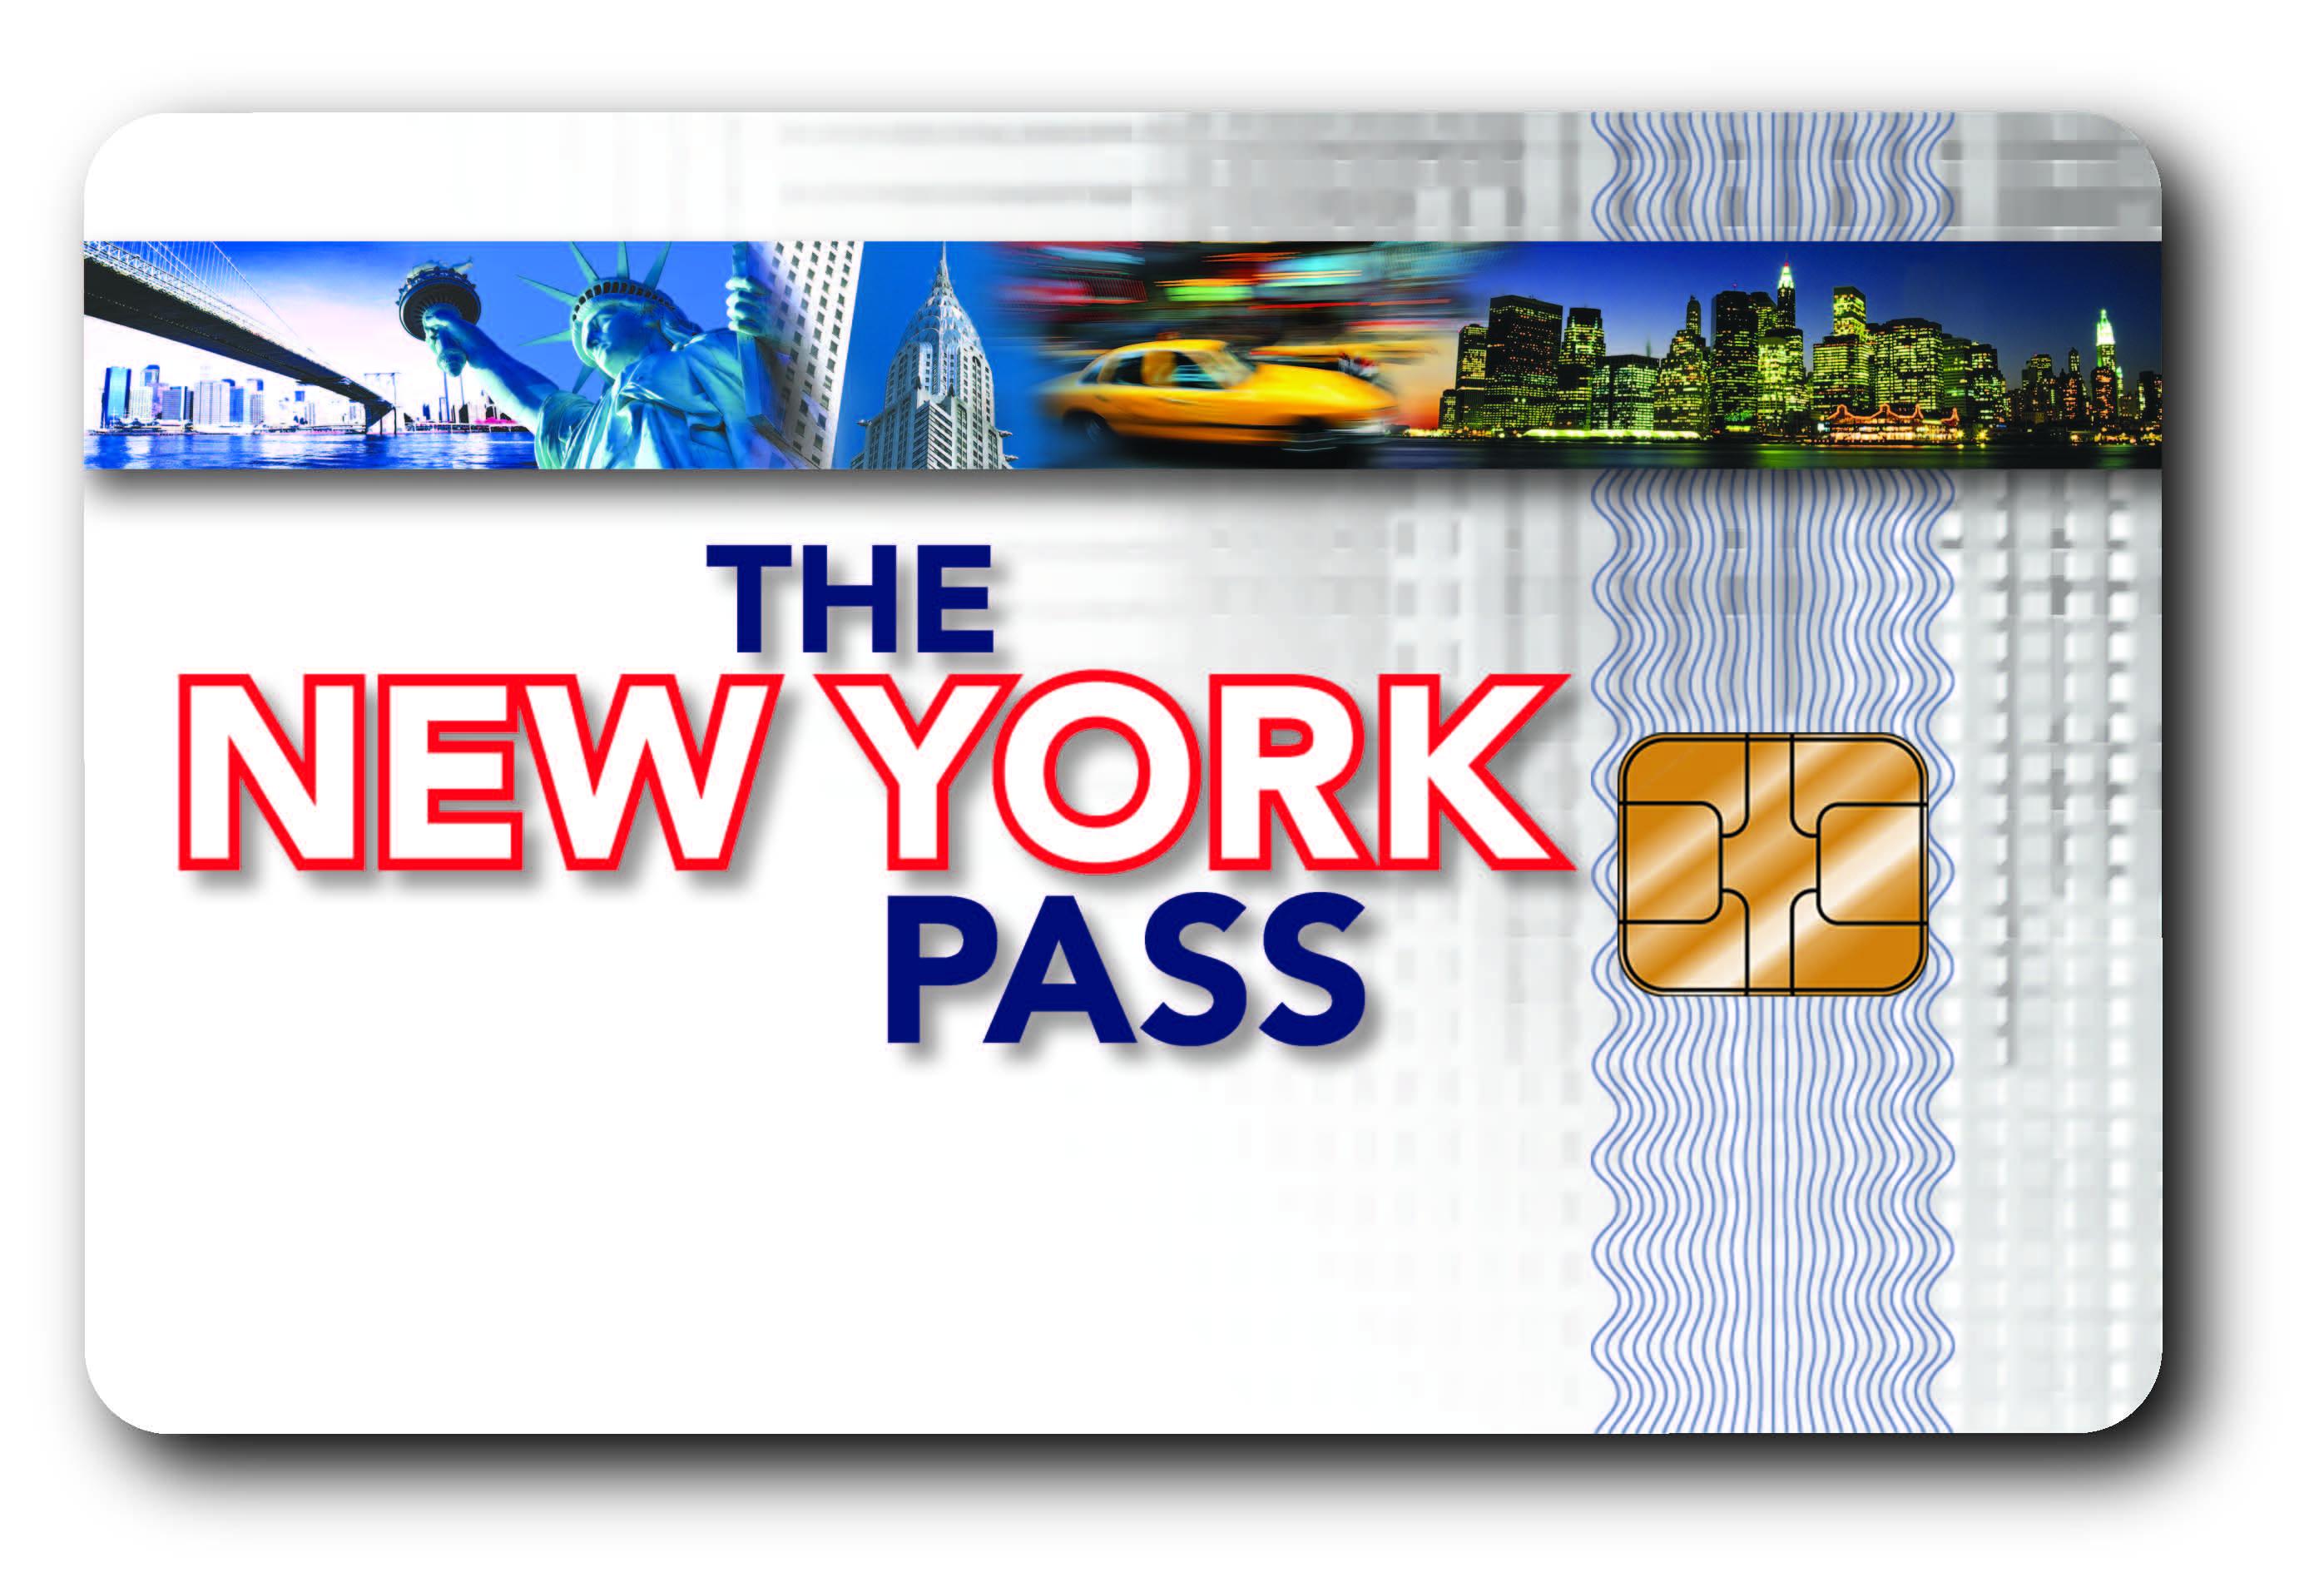 La tarjeta New York Pass permite la entrada gratuita a más de 80 visitas y actividades turísticas de Nueva algebracapacitywt.tkás de la entrada gratuita, la tarjeta te servirá para no esperar colas en muchas atracciones y conseguir descuentos en ciertos lugares.